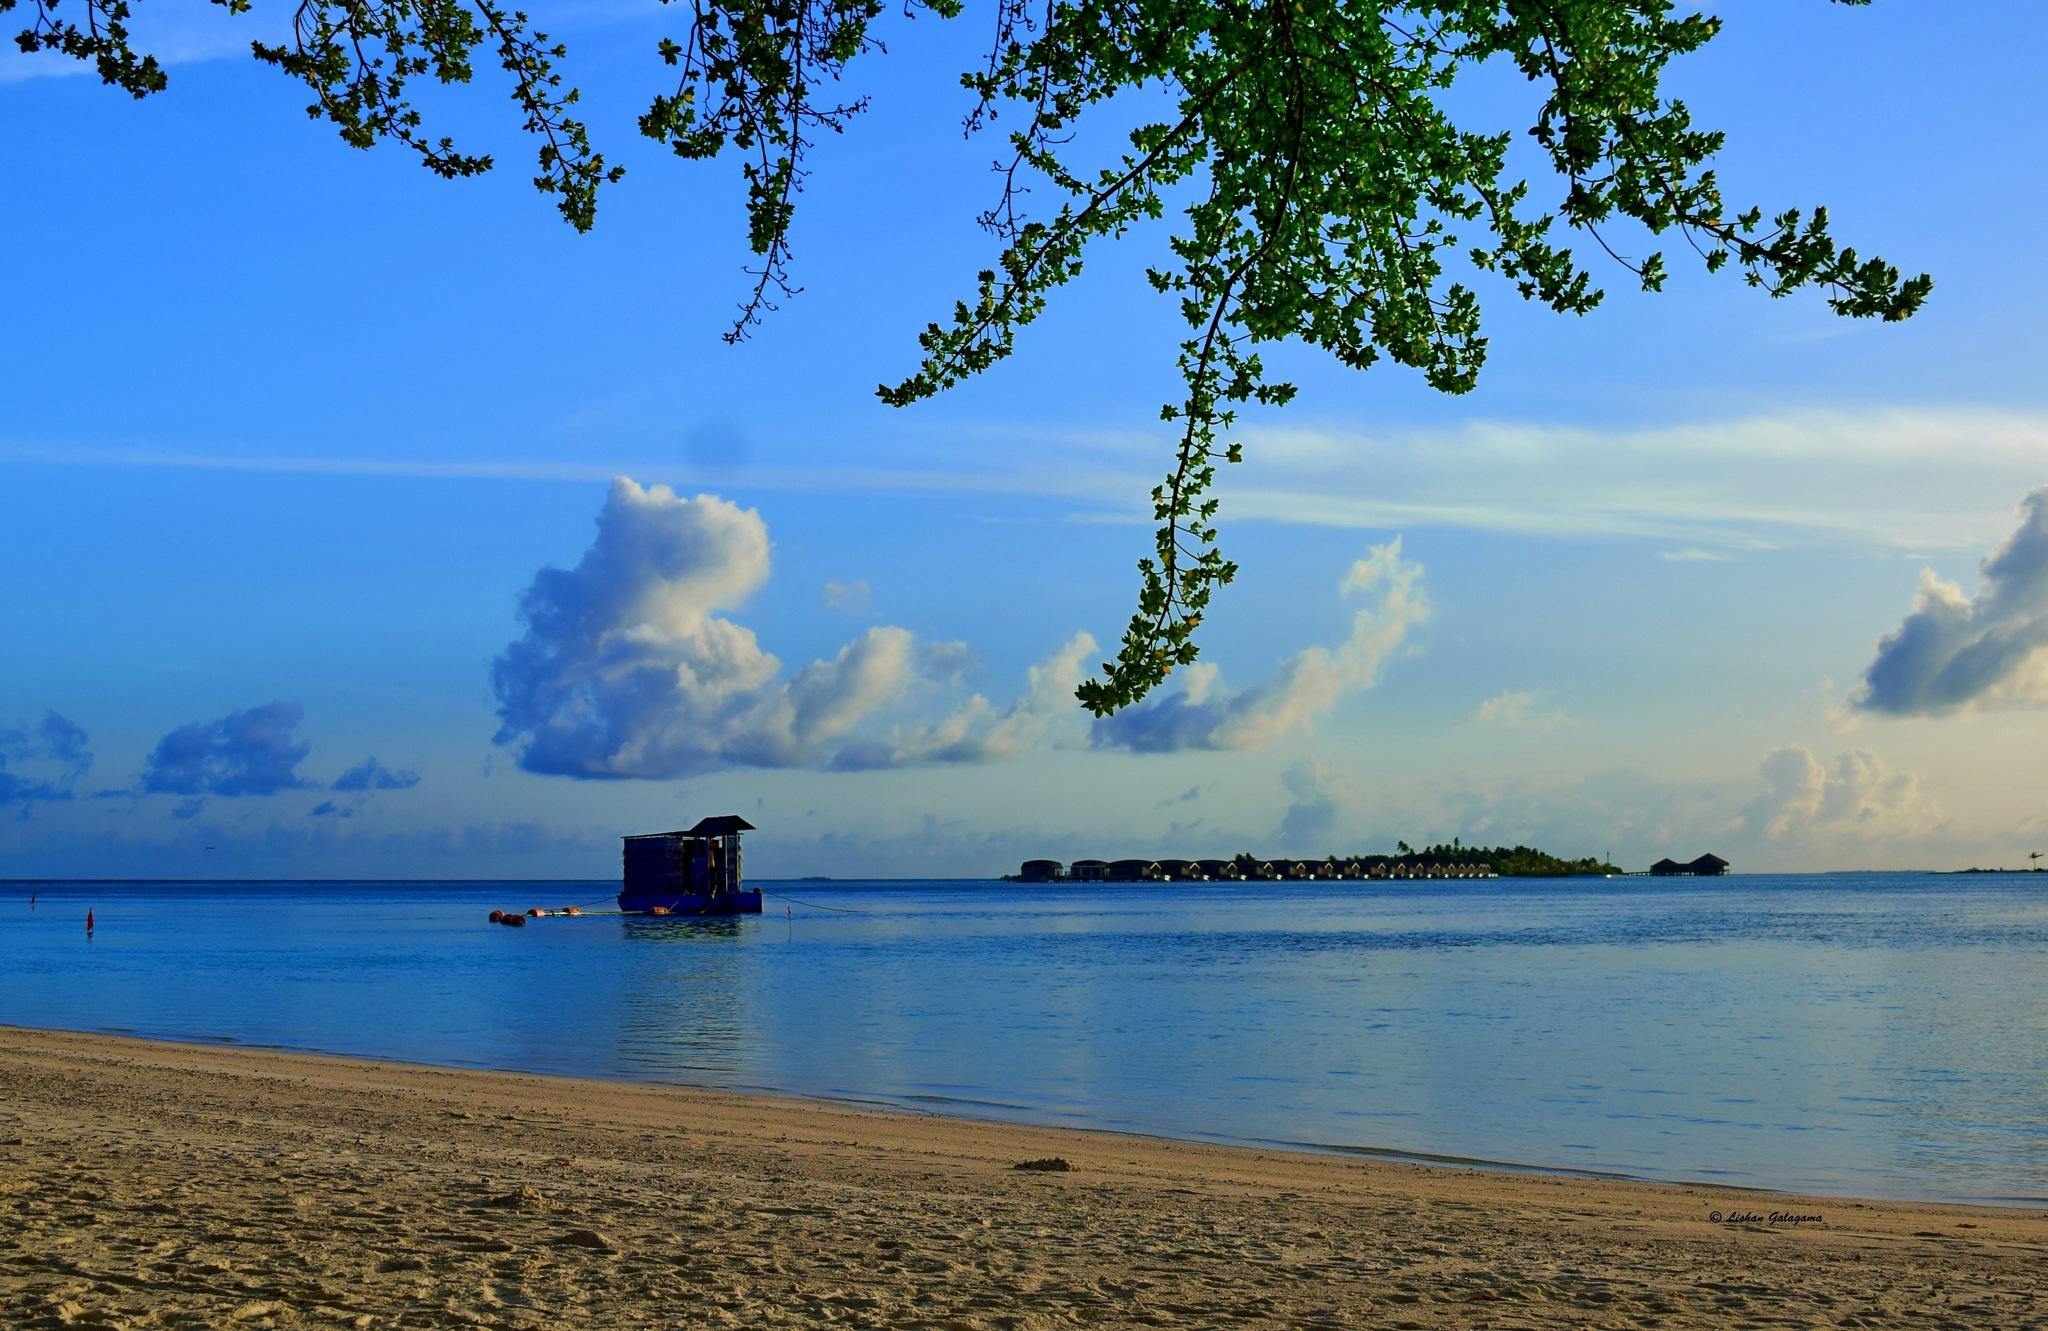 Beach by Lishan Galagama